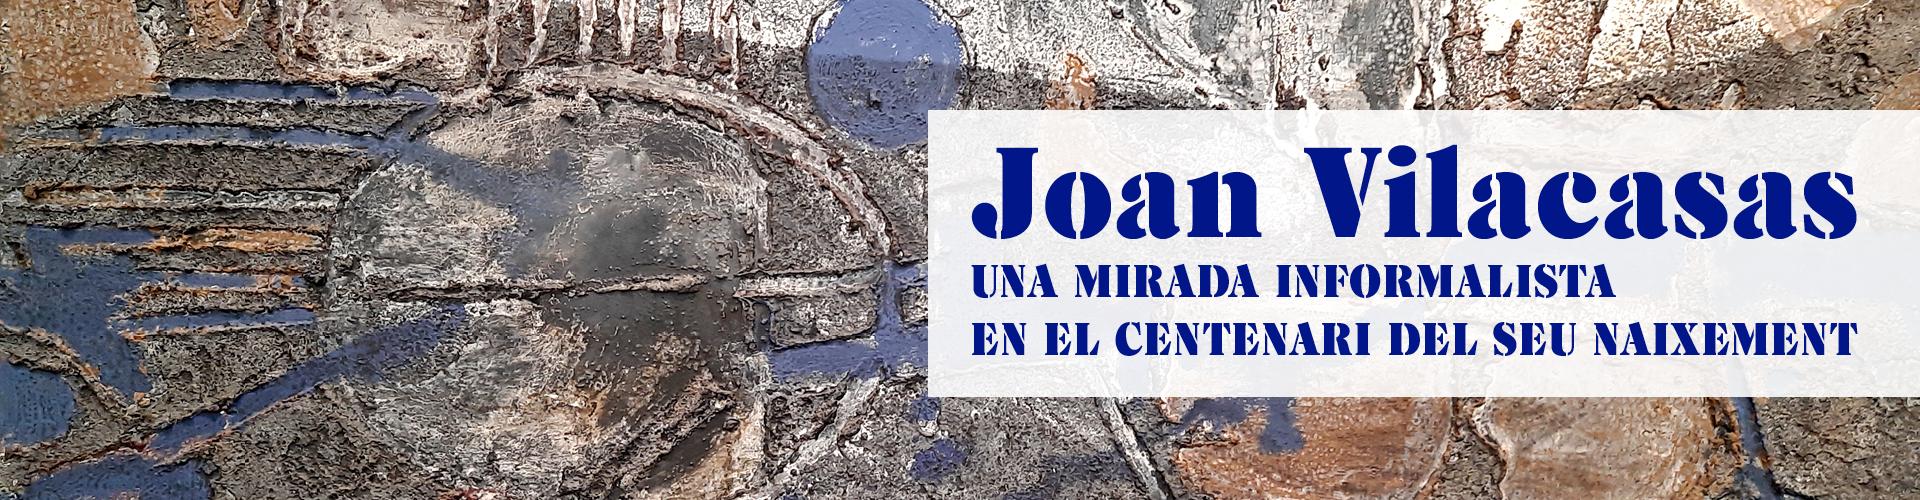 """""""EXPOSICIONES / Joan Vilacasas: una mirada informalista. En el centenario de su nacimiento"""""""